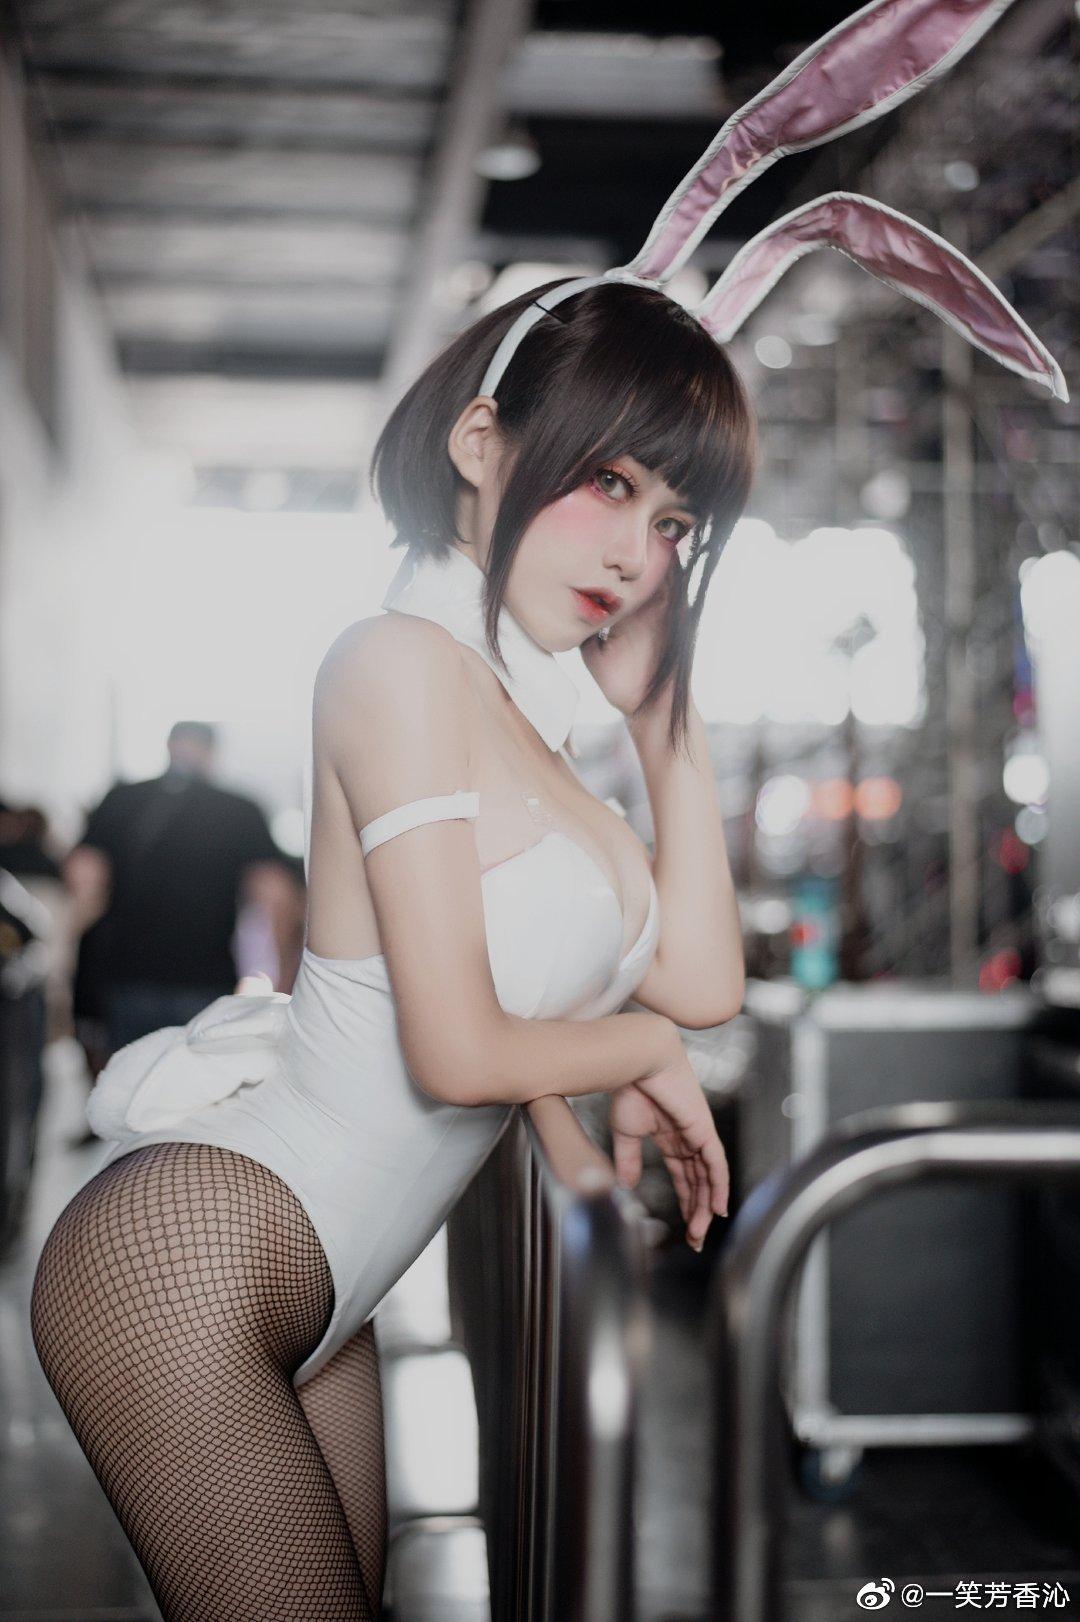 加藤惠兔女郎Cosplay